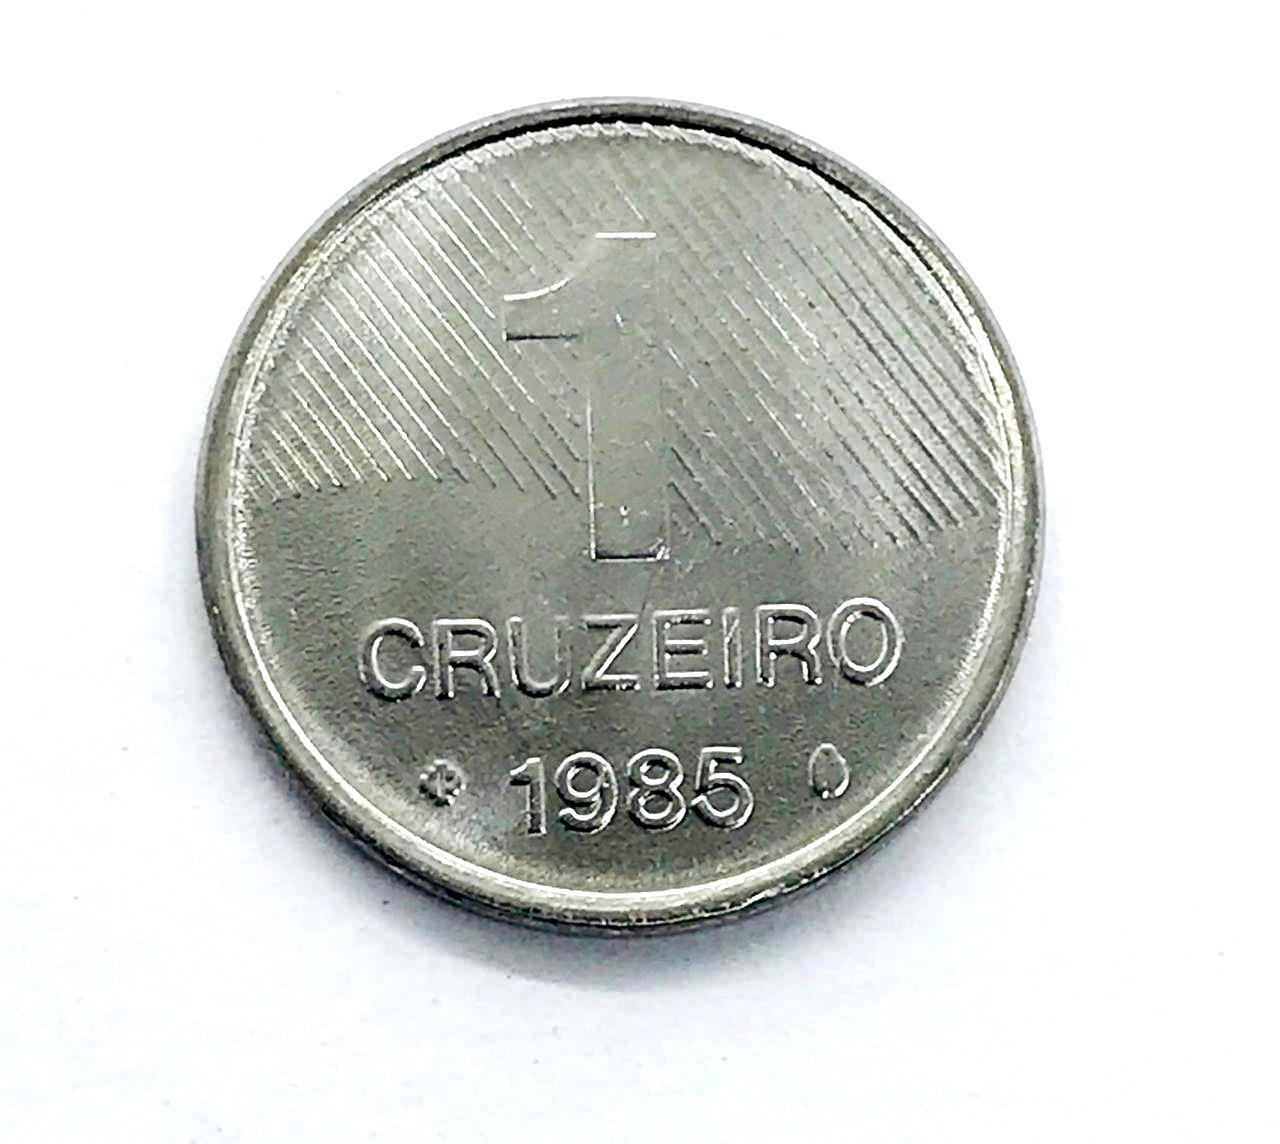 1 Cruzeiro fao Cana de Açucar 1985 fc